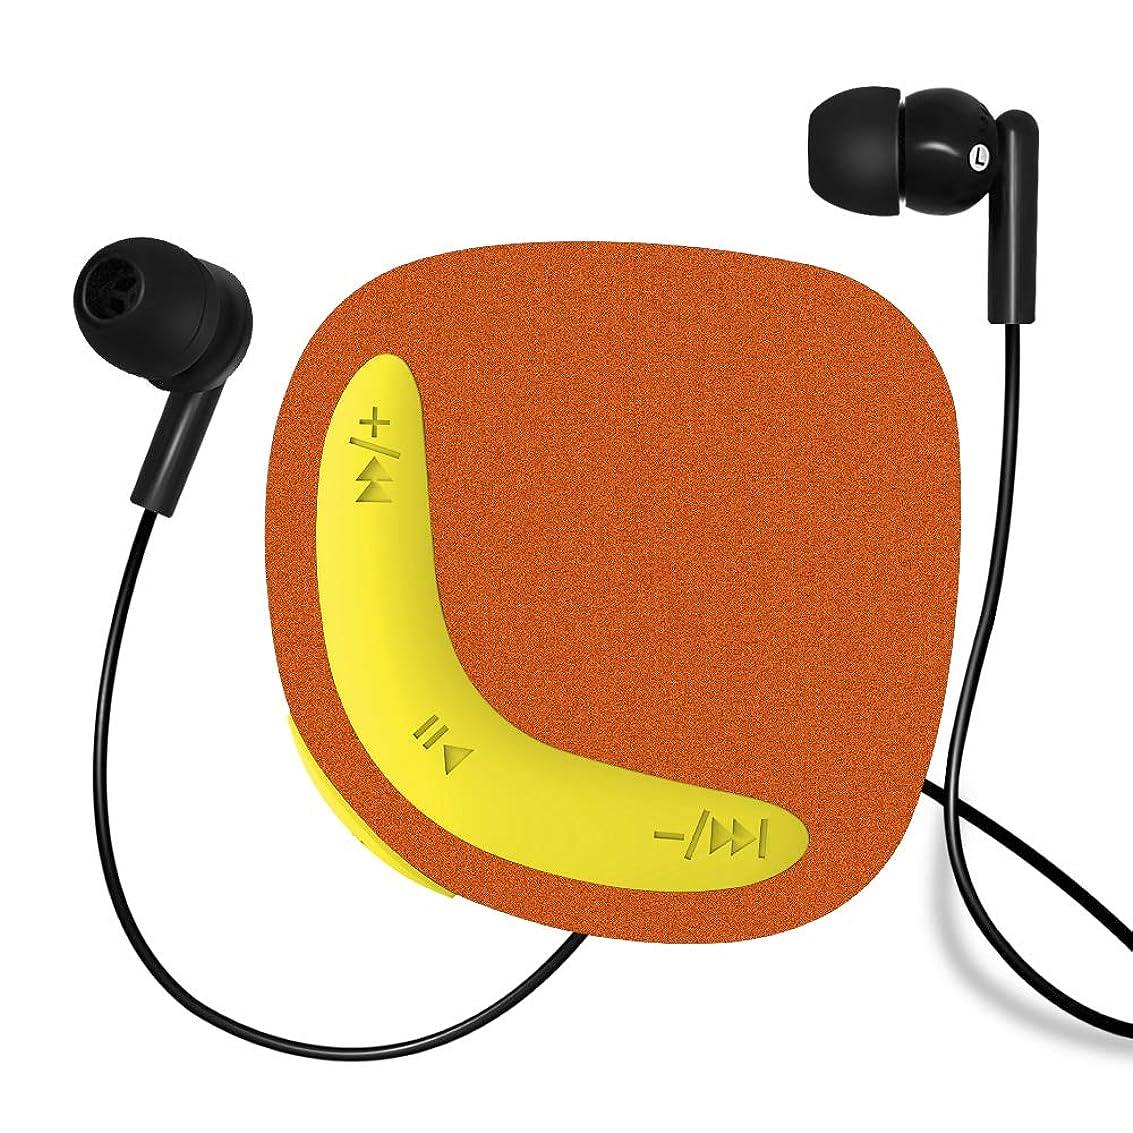 ヒョウ真向こう寝具クリップ付きMP3音楽プレーヤーシャッフル機能付き8GBフラッシュ内蔵、コンパクトでポータブルなMP3、簡単なスポーツ用の超軽量デザインVZ SPORT MATE(オレンジ)